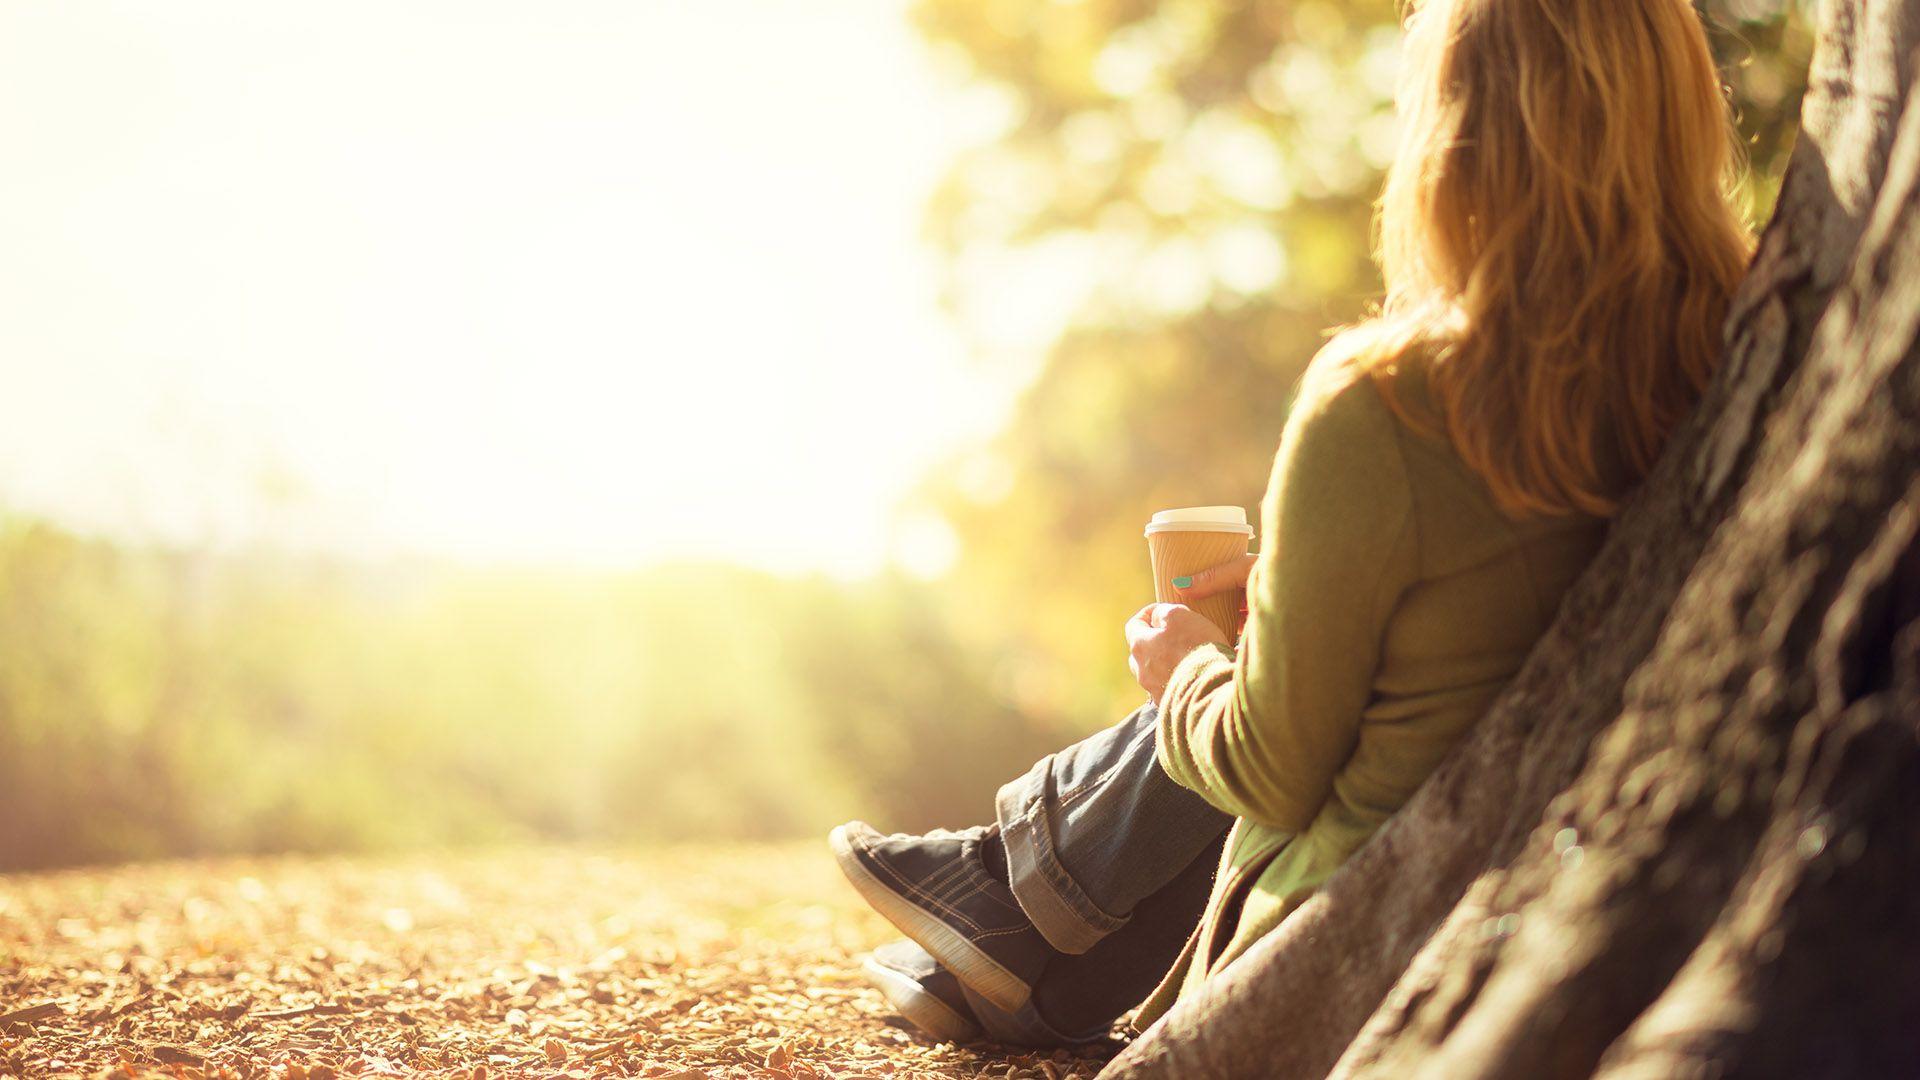 Los rayos UV favorecen el cáncer de piel por la exposición aguda, intermitente, y por la exposición crónica, con acumulación de daño (Shutterstock)